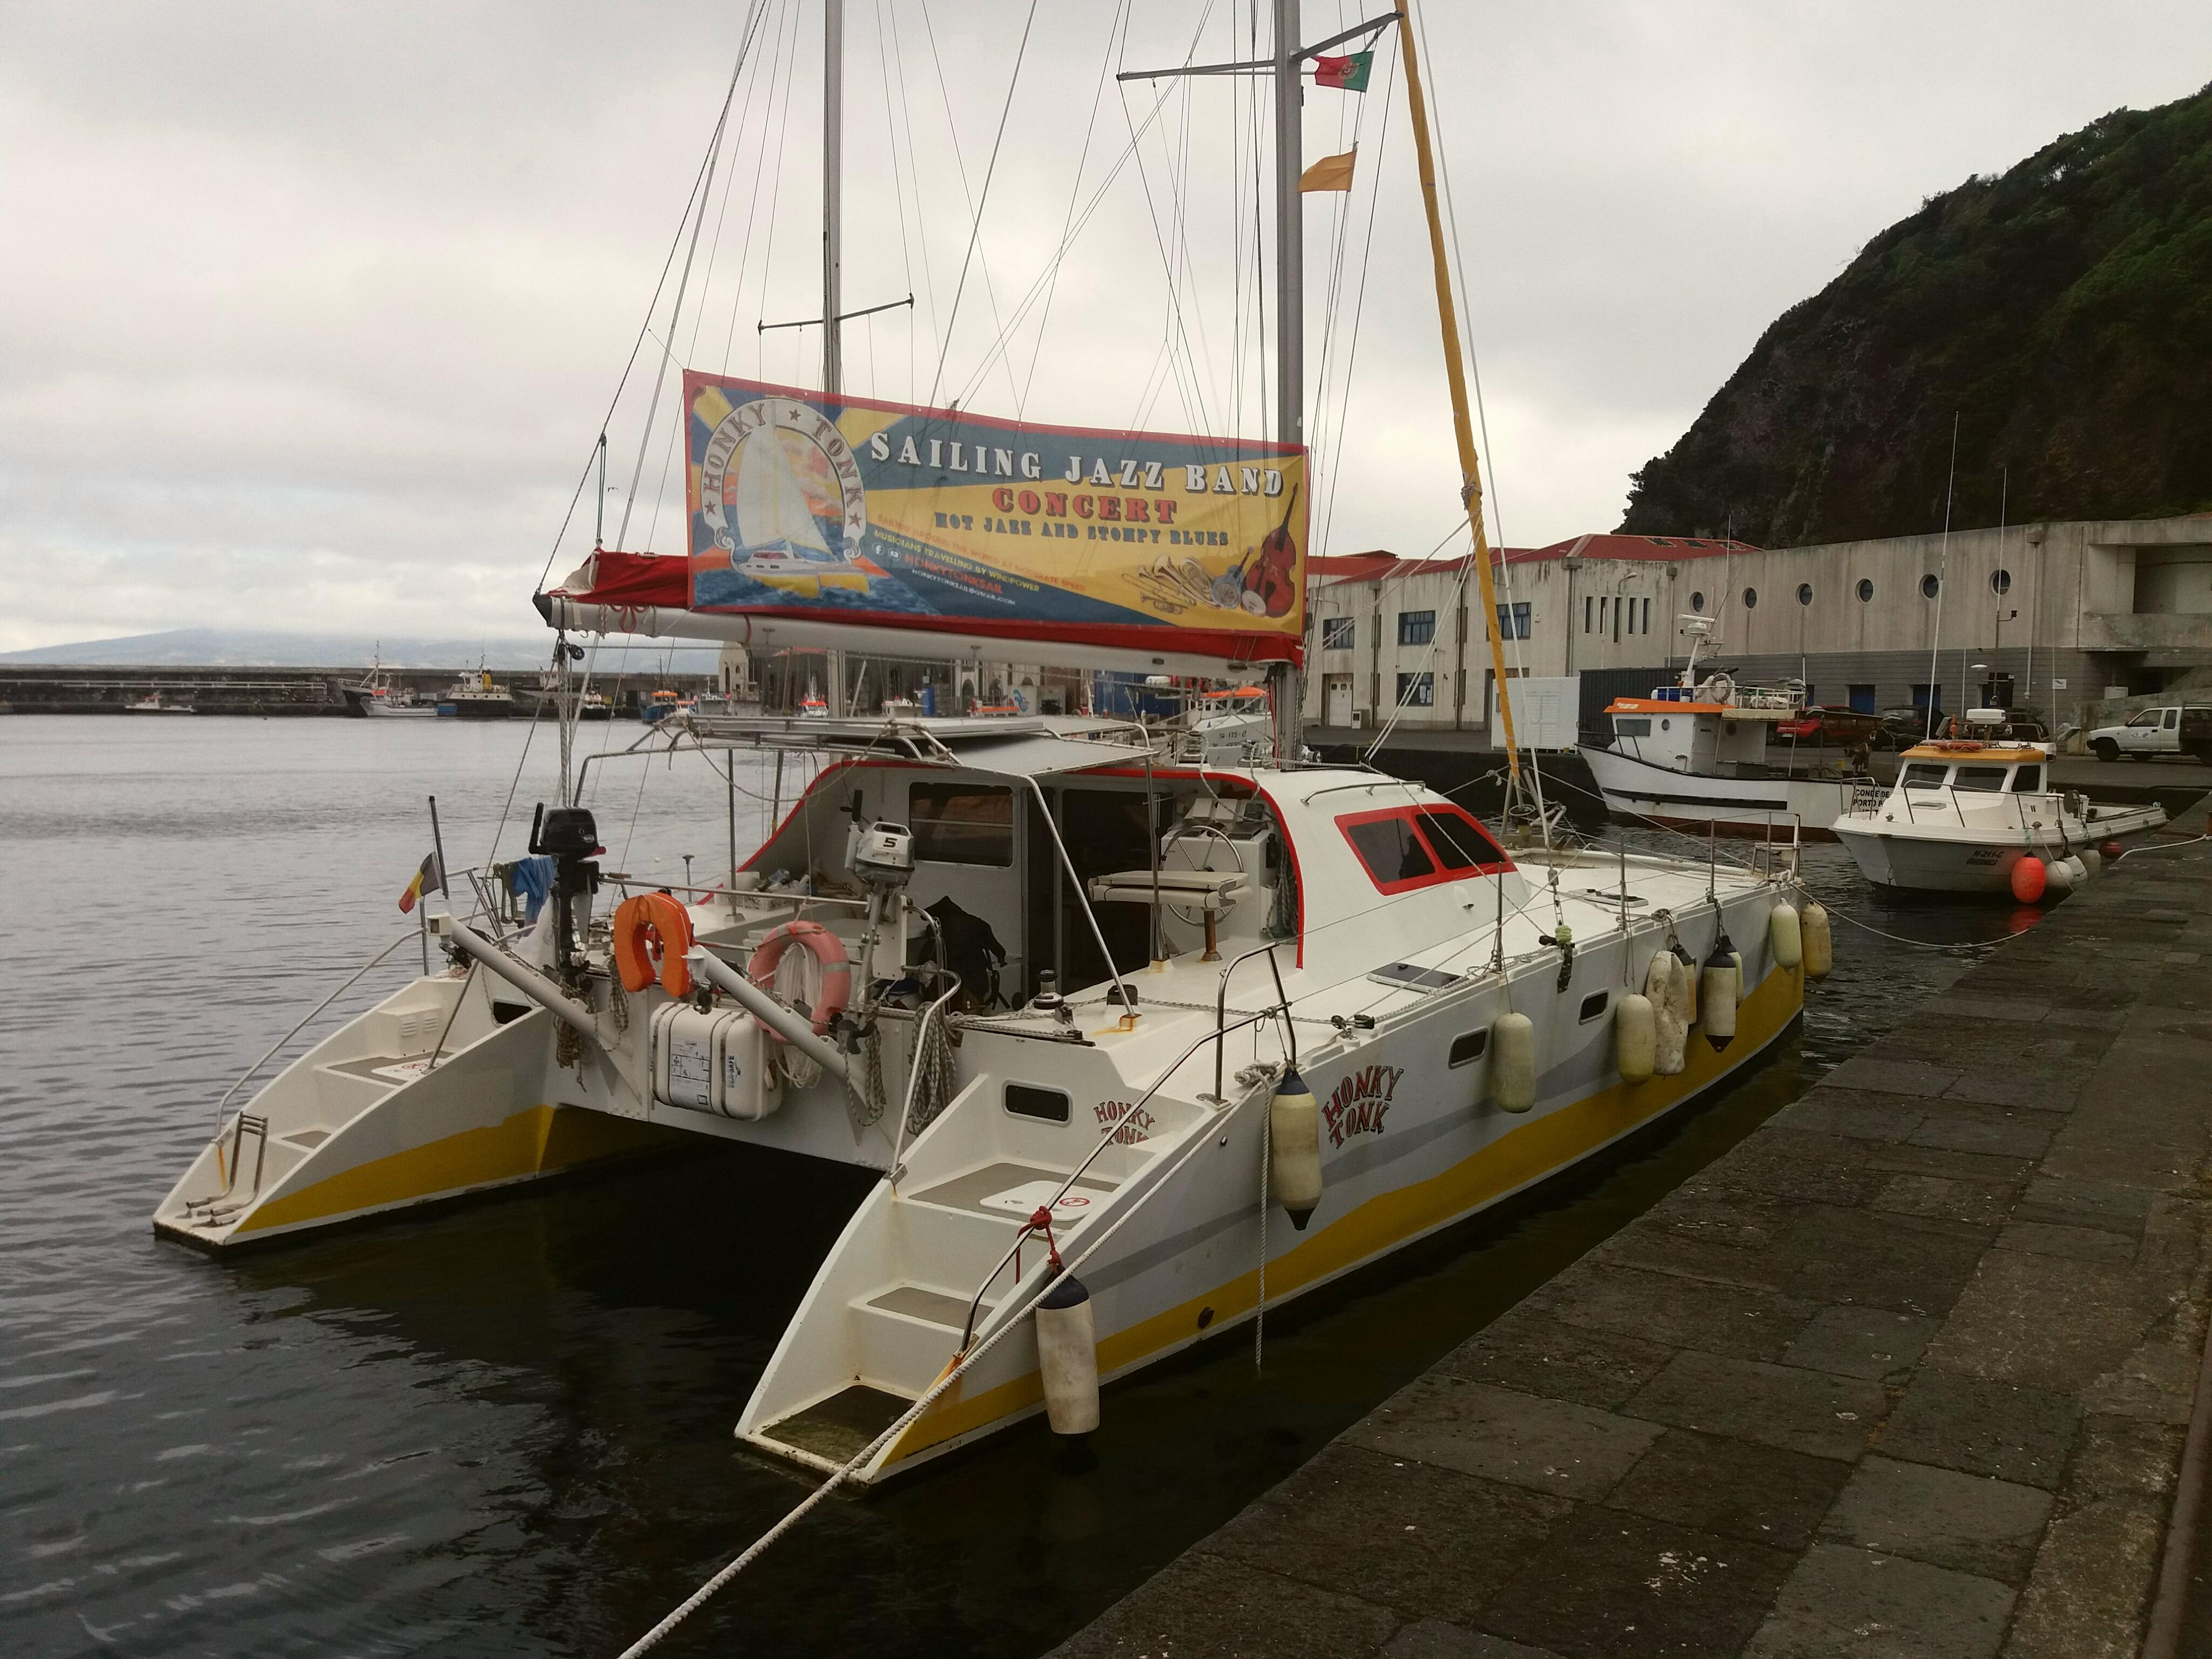 Honky tonk sail Faial 2018